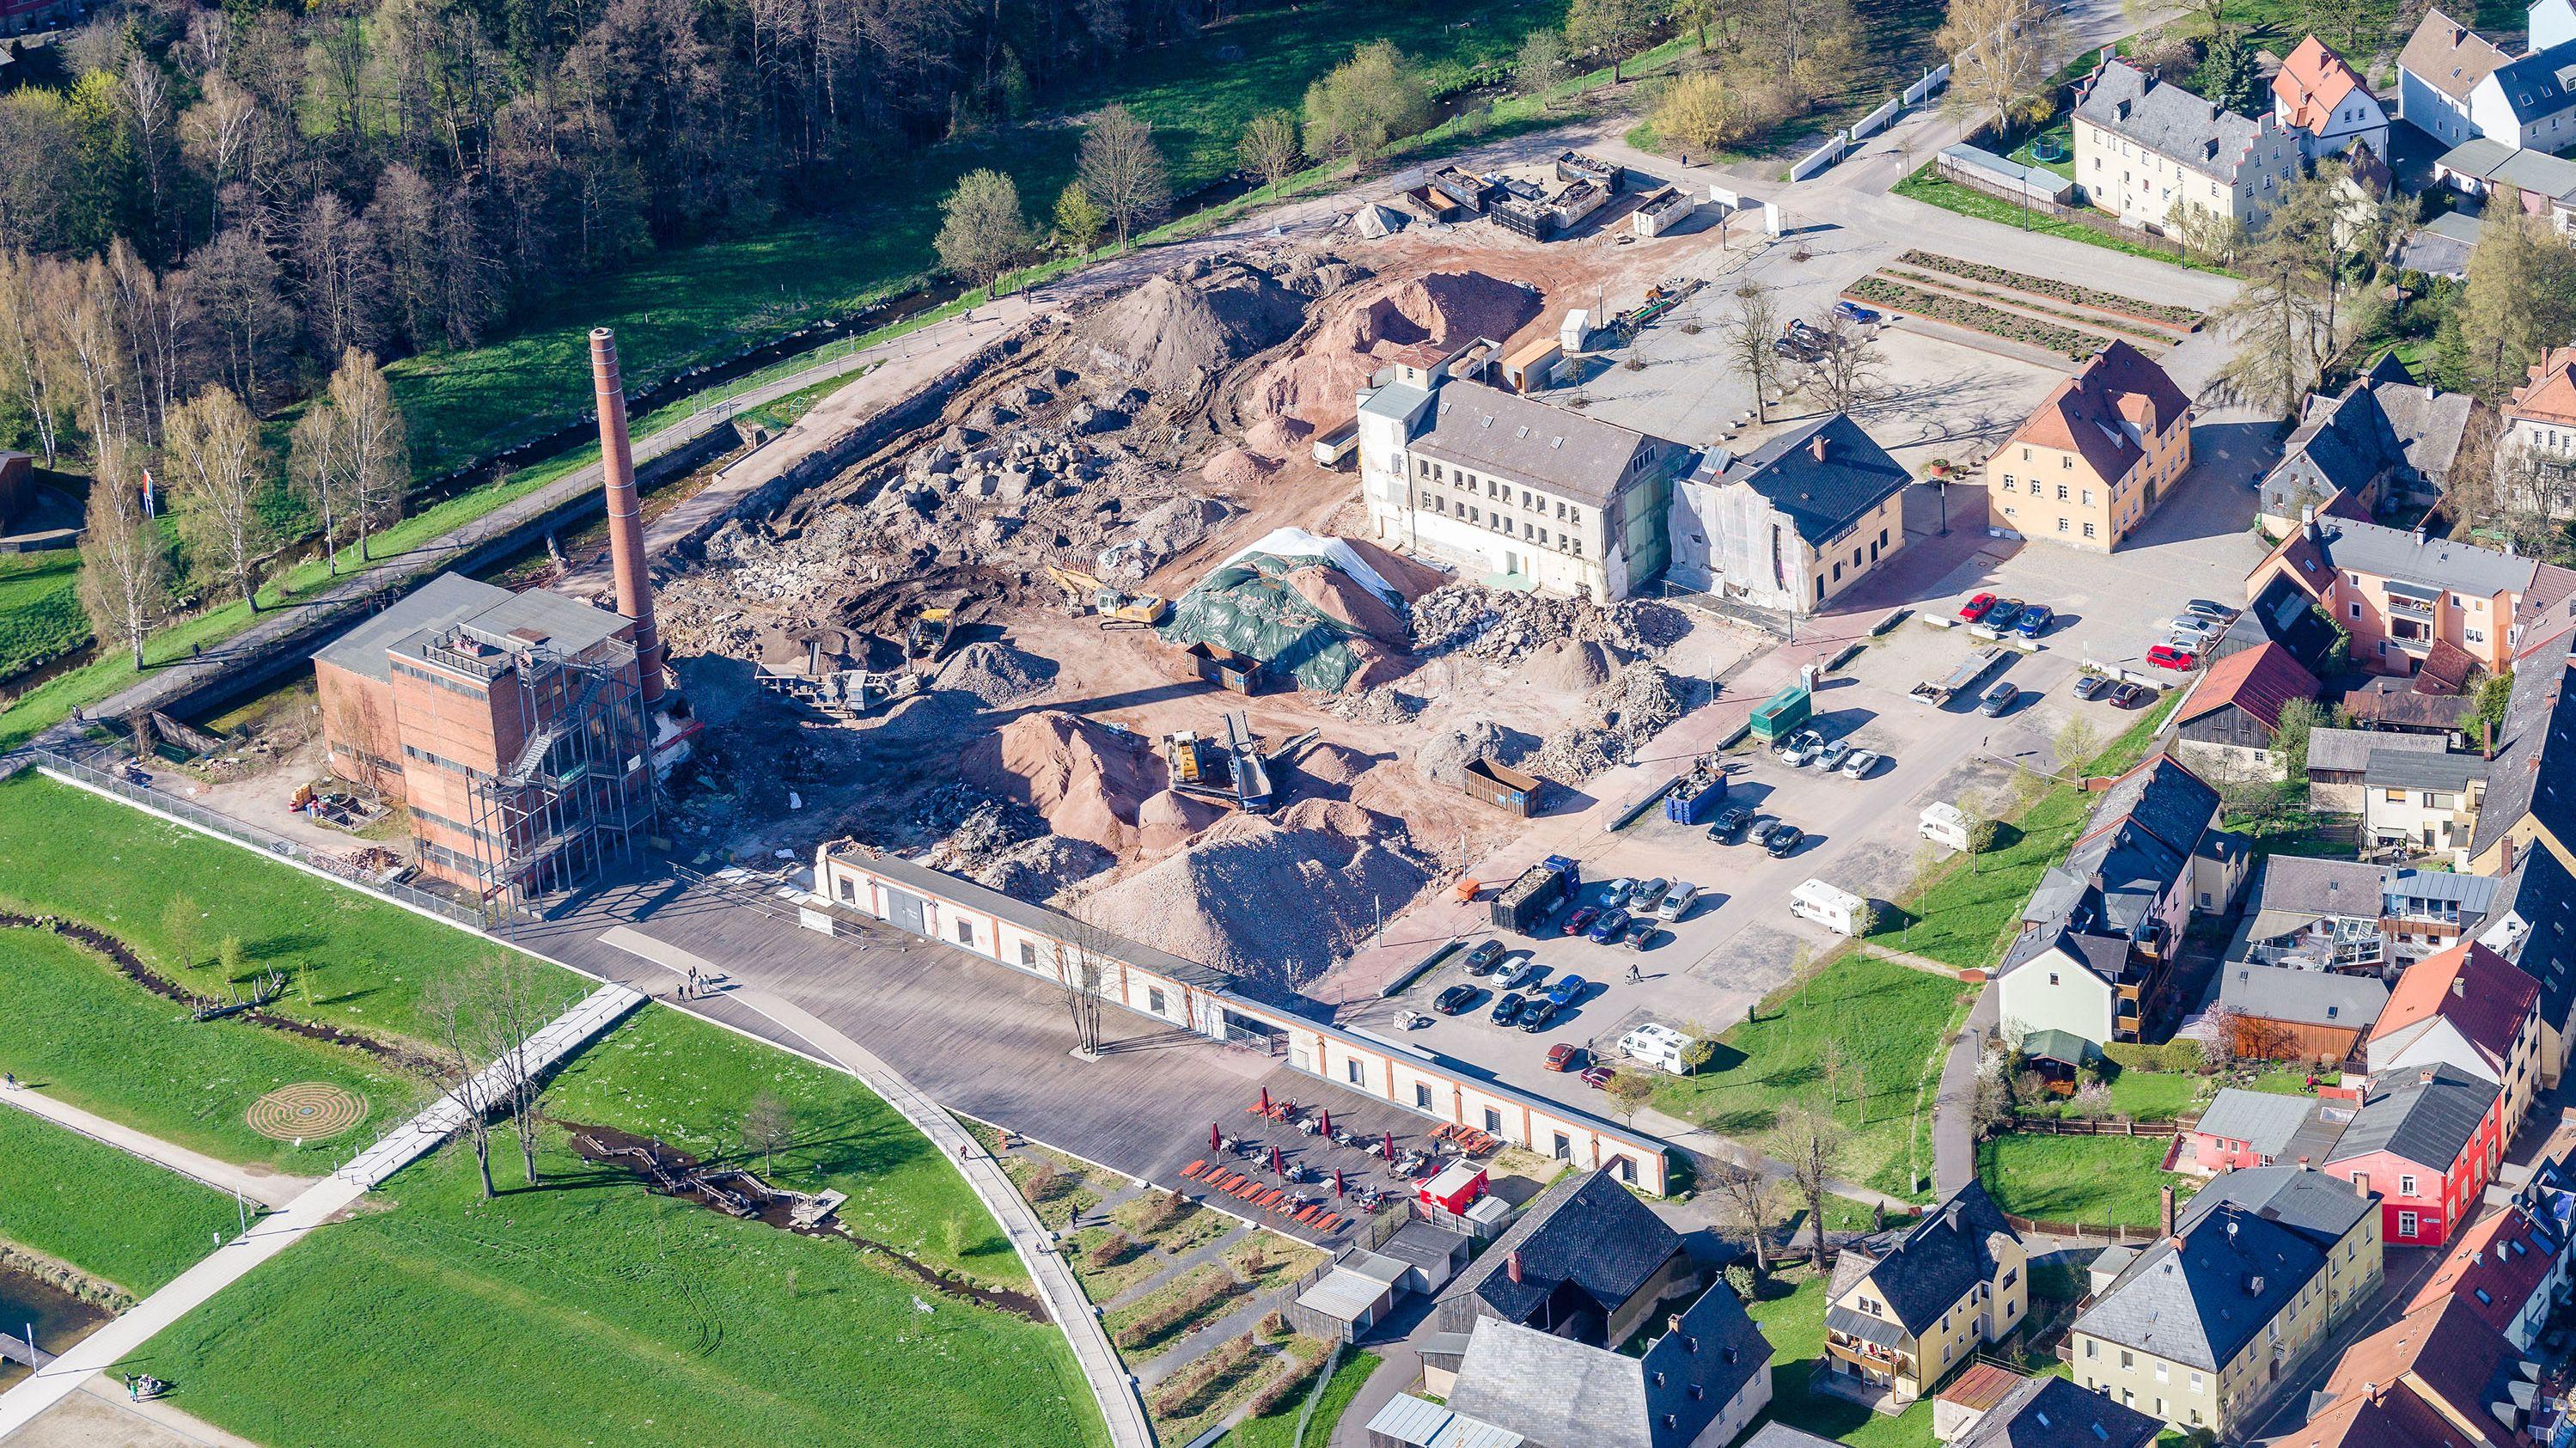 Luftaufnahme des ehemaligen Benker-Areals in Marktredwitz nach dem Abbruch der Fabrikgebäude.